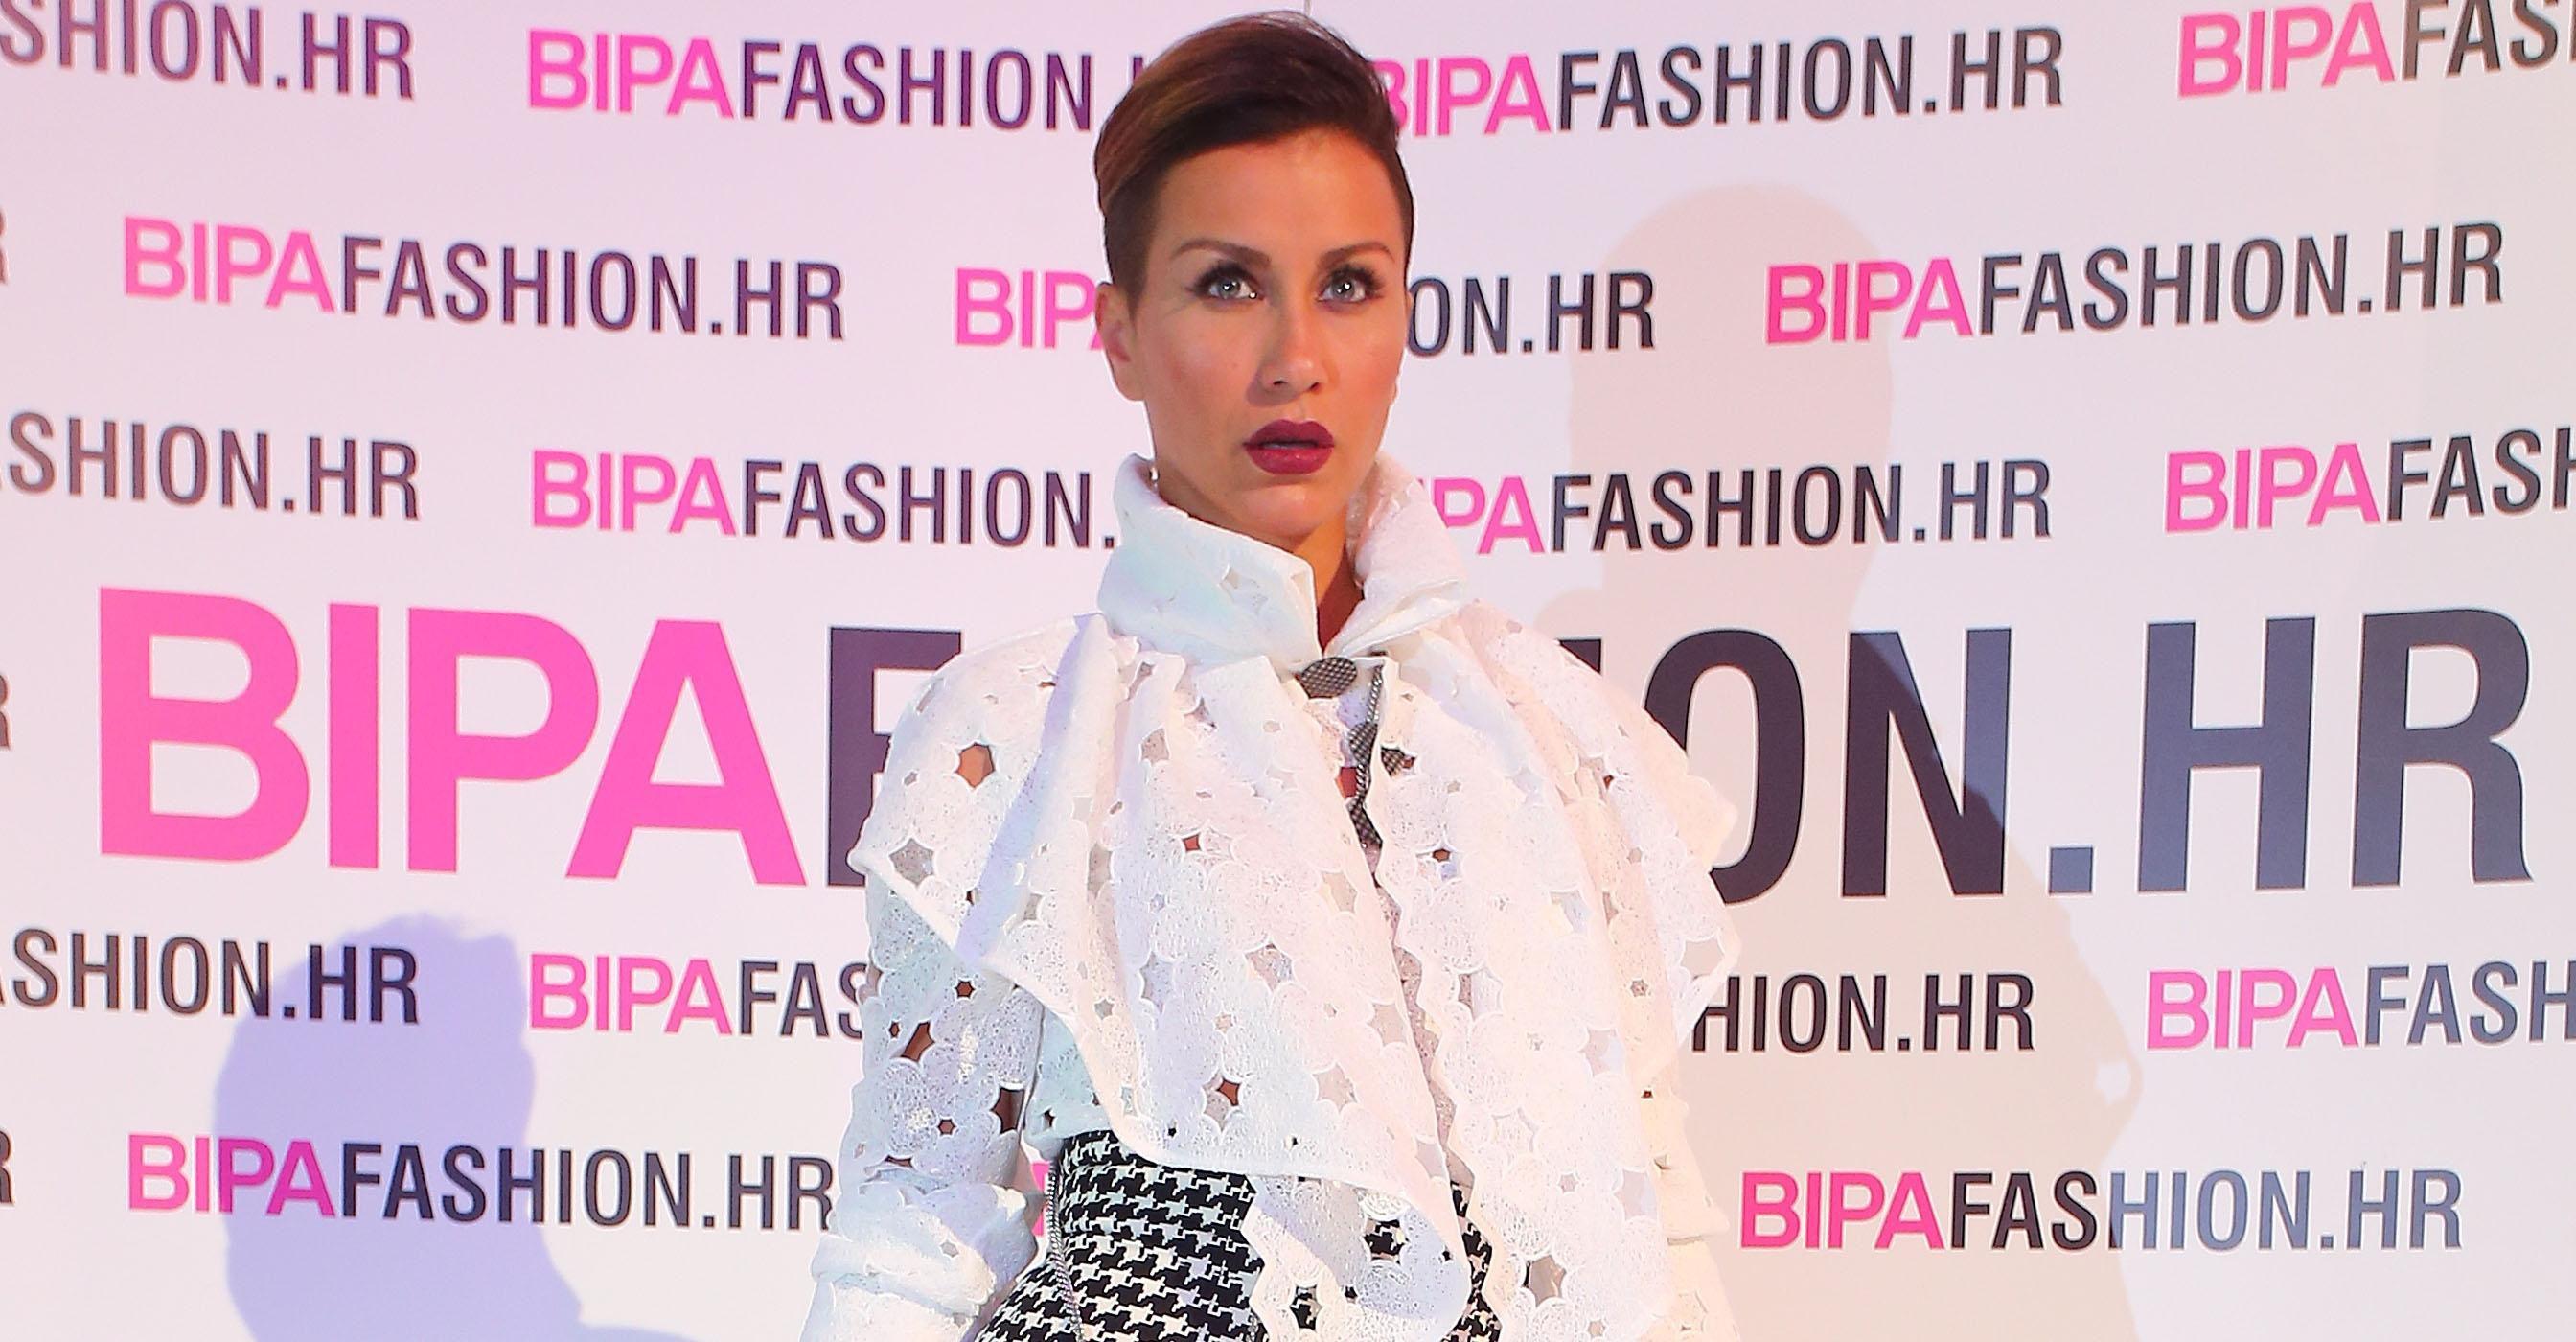 Ana Gruica: pripijena suknja i vrtoglave štikle za zadnju večer modnog spektakla